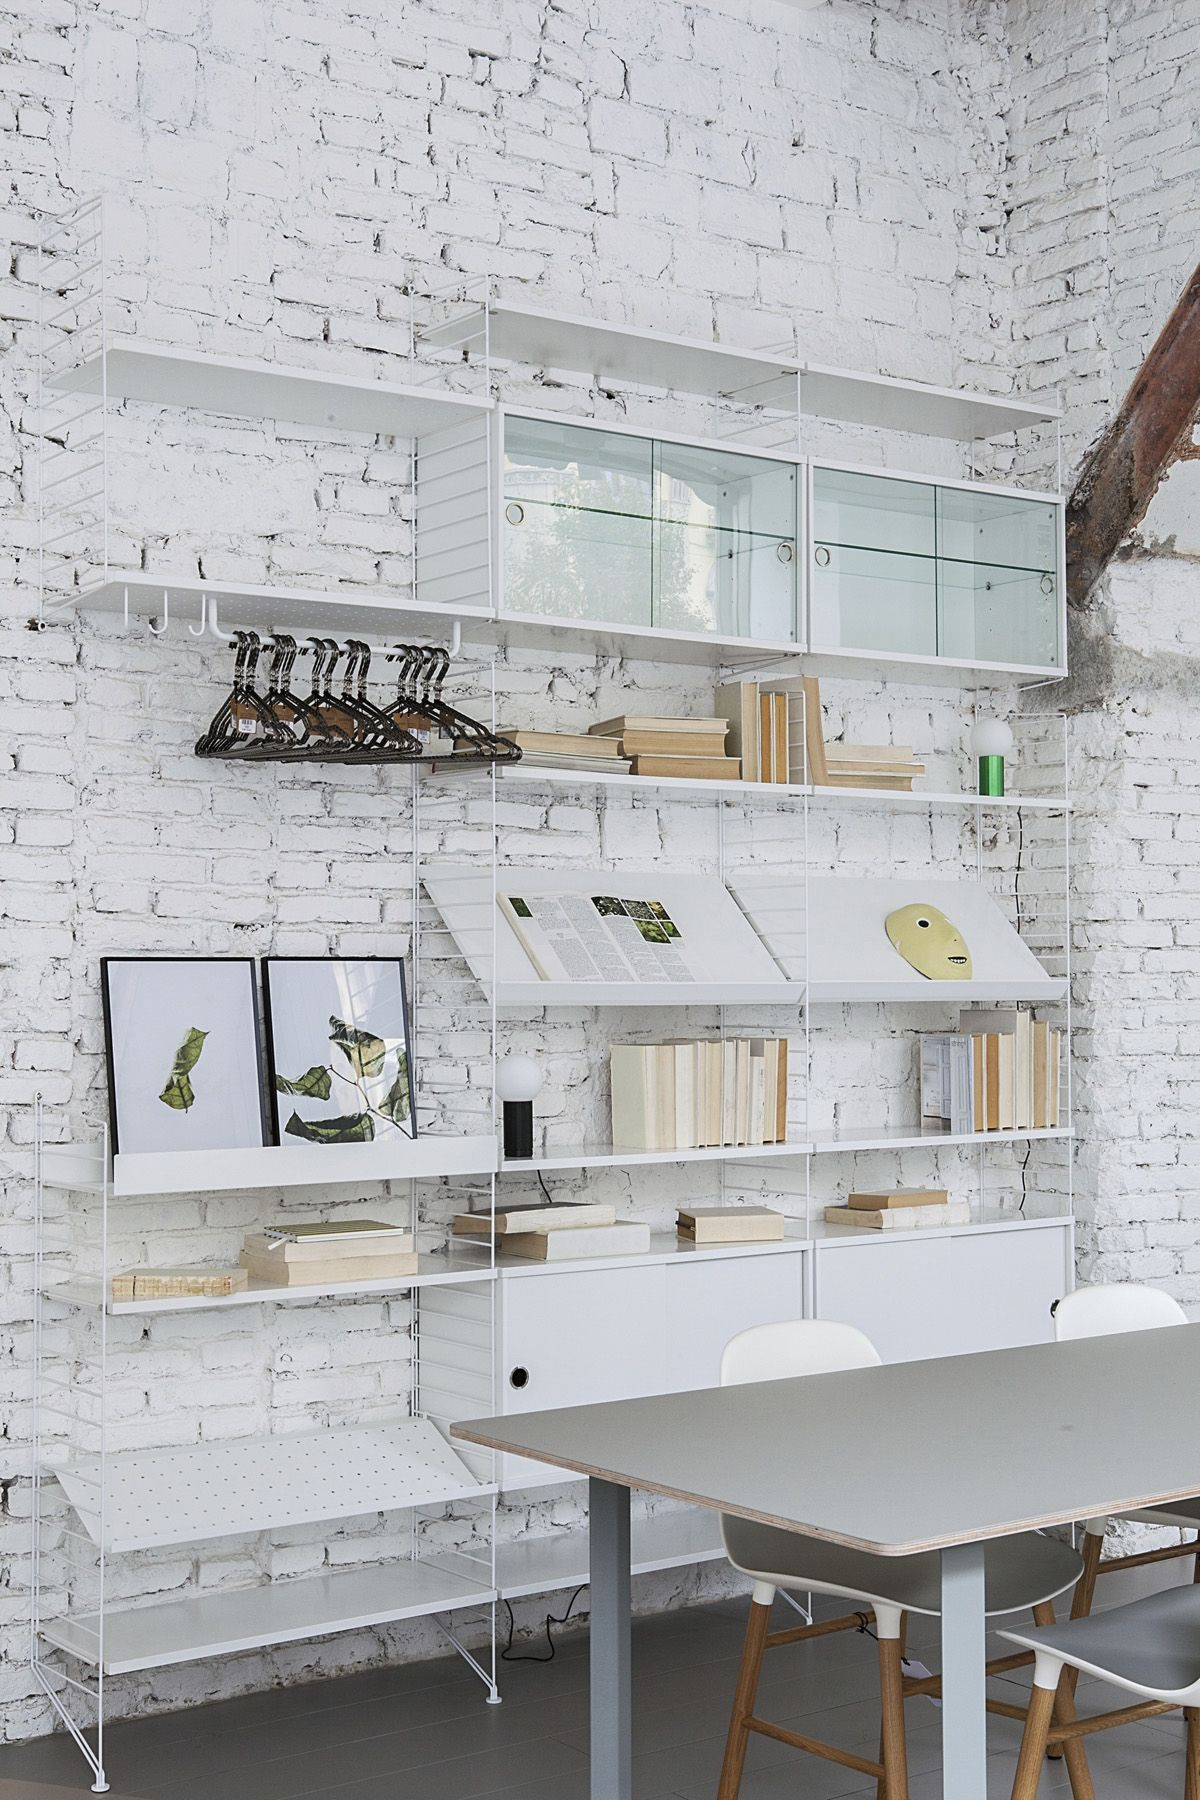 Negozi Per La Casa Milano design republic raddoppia: un nuovo indirizzo per il design